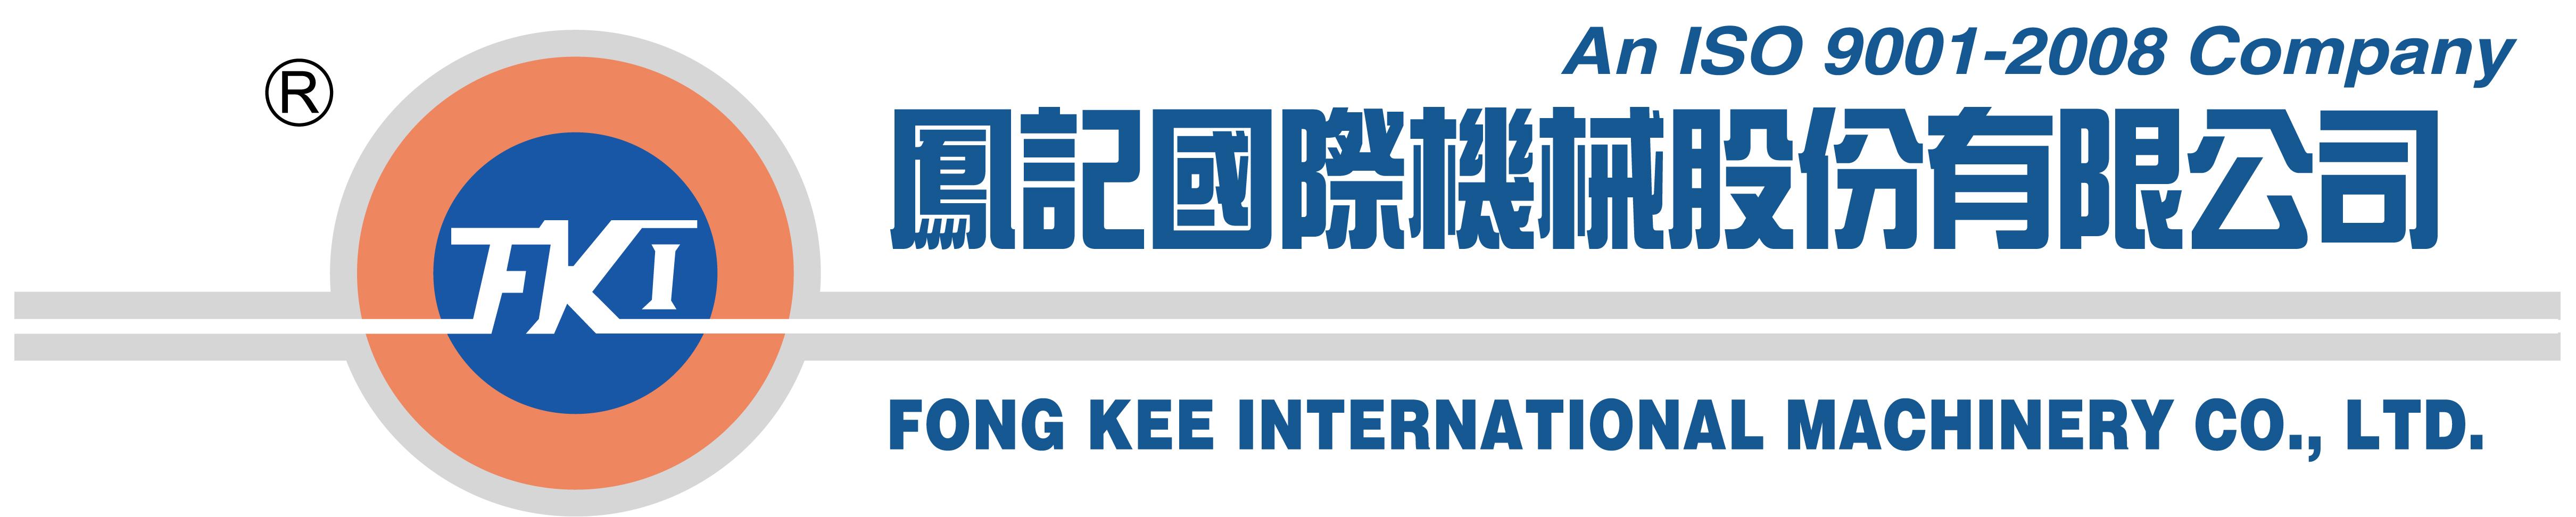 鳳記國際機械股份有限公司-Logo